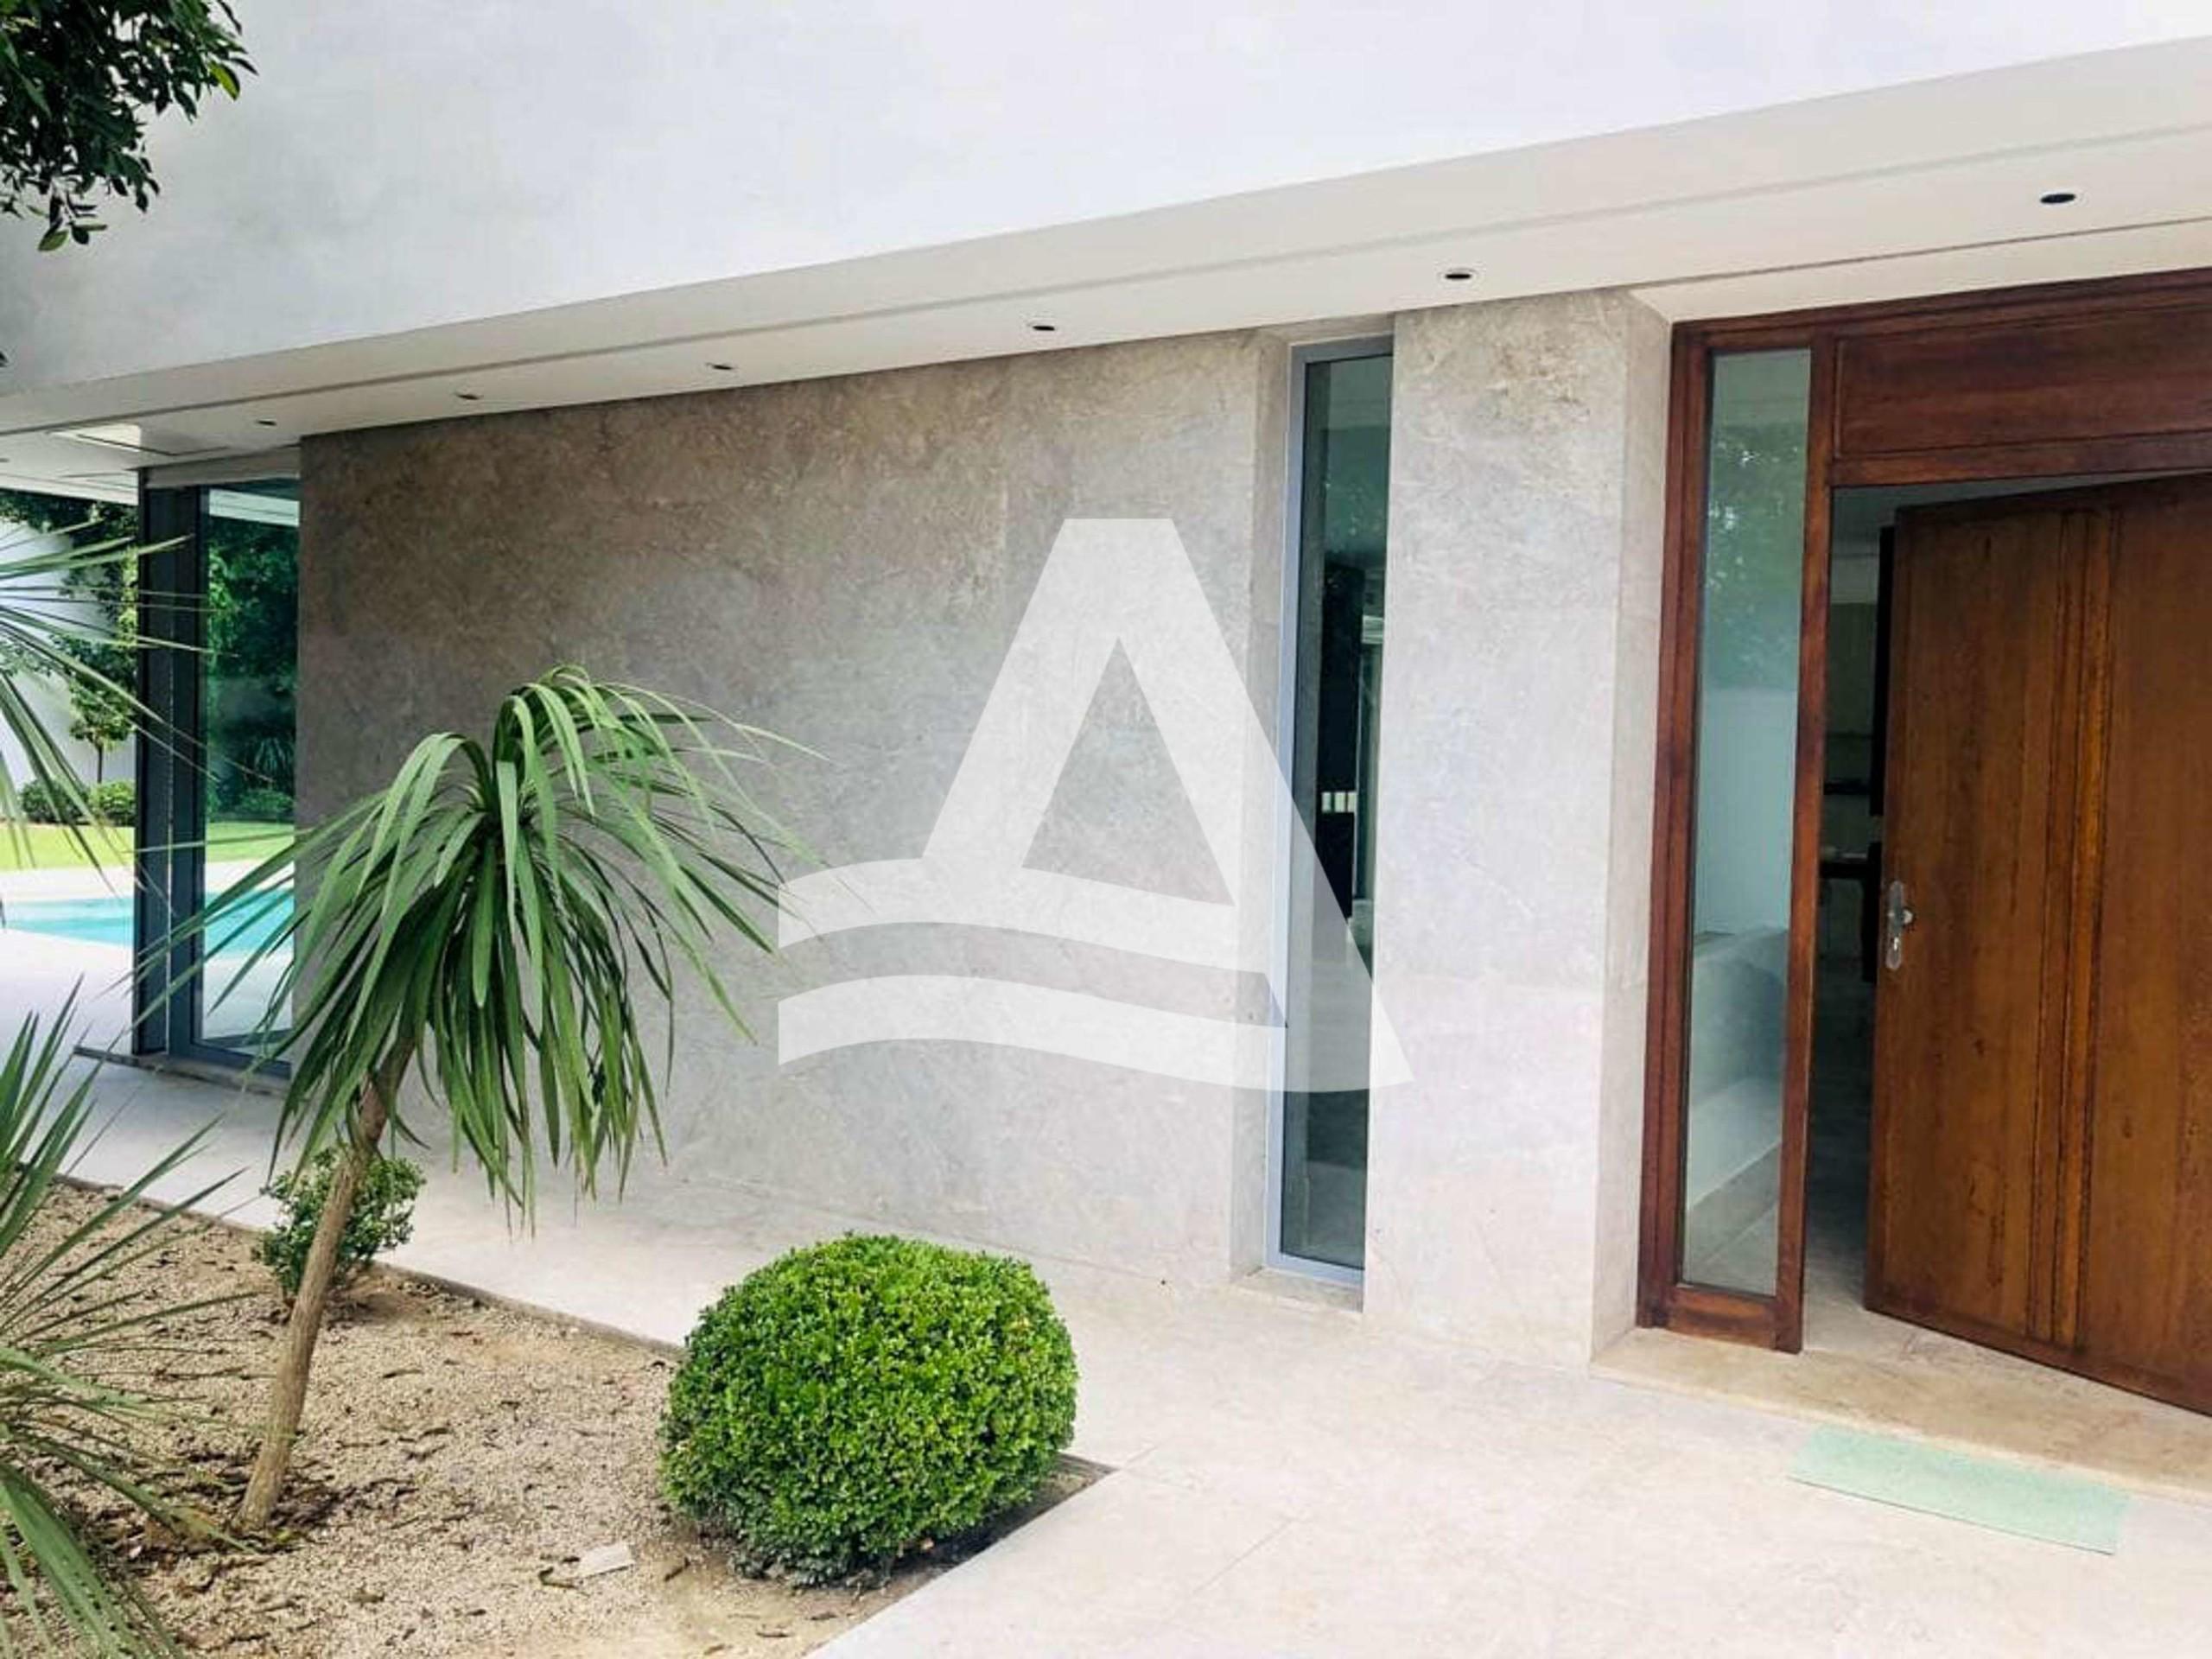 6887043031589362596arcane_immobiliere_la_marsa_-_location-_vente_la_marsa_-9